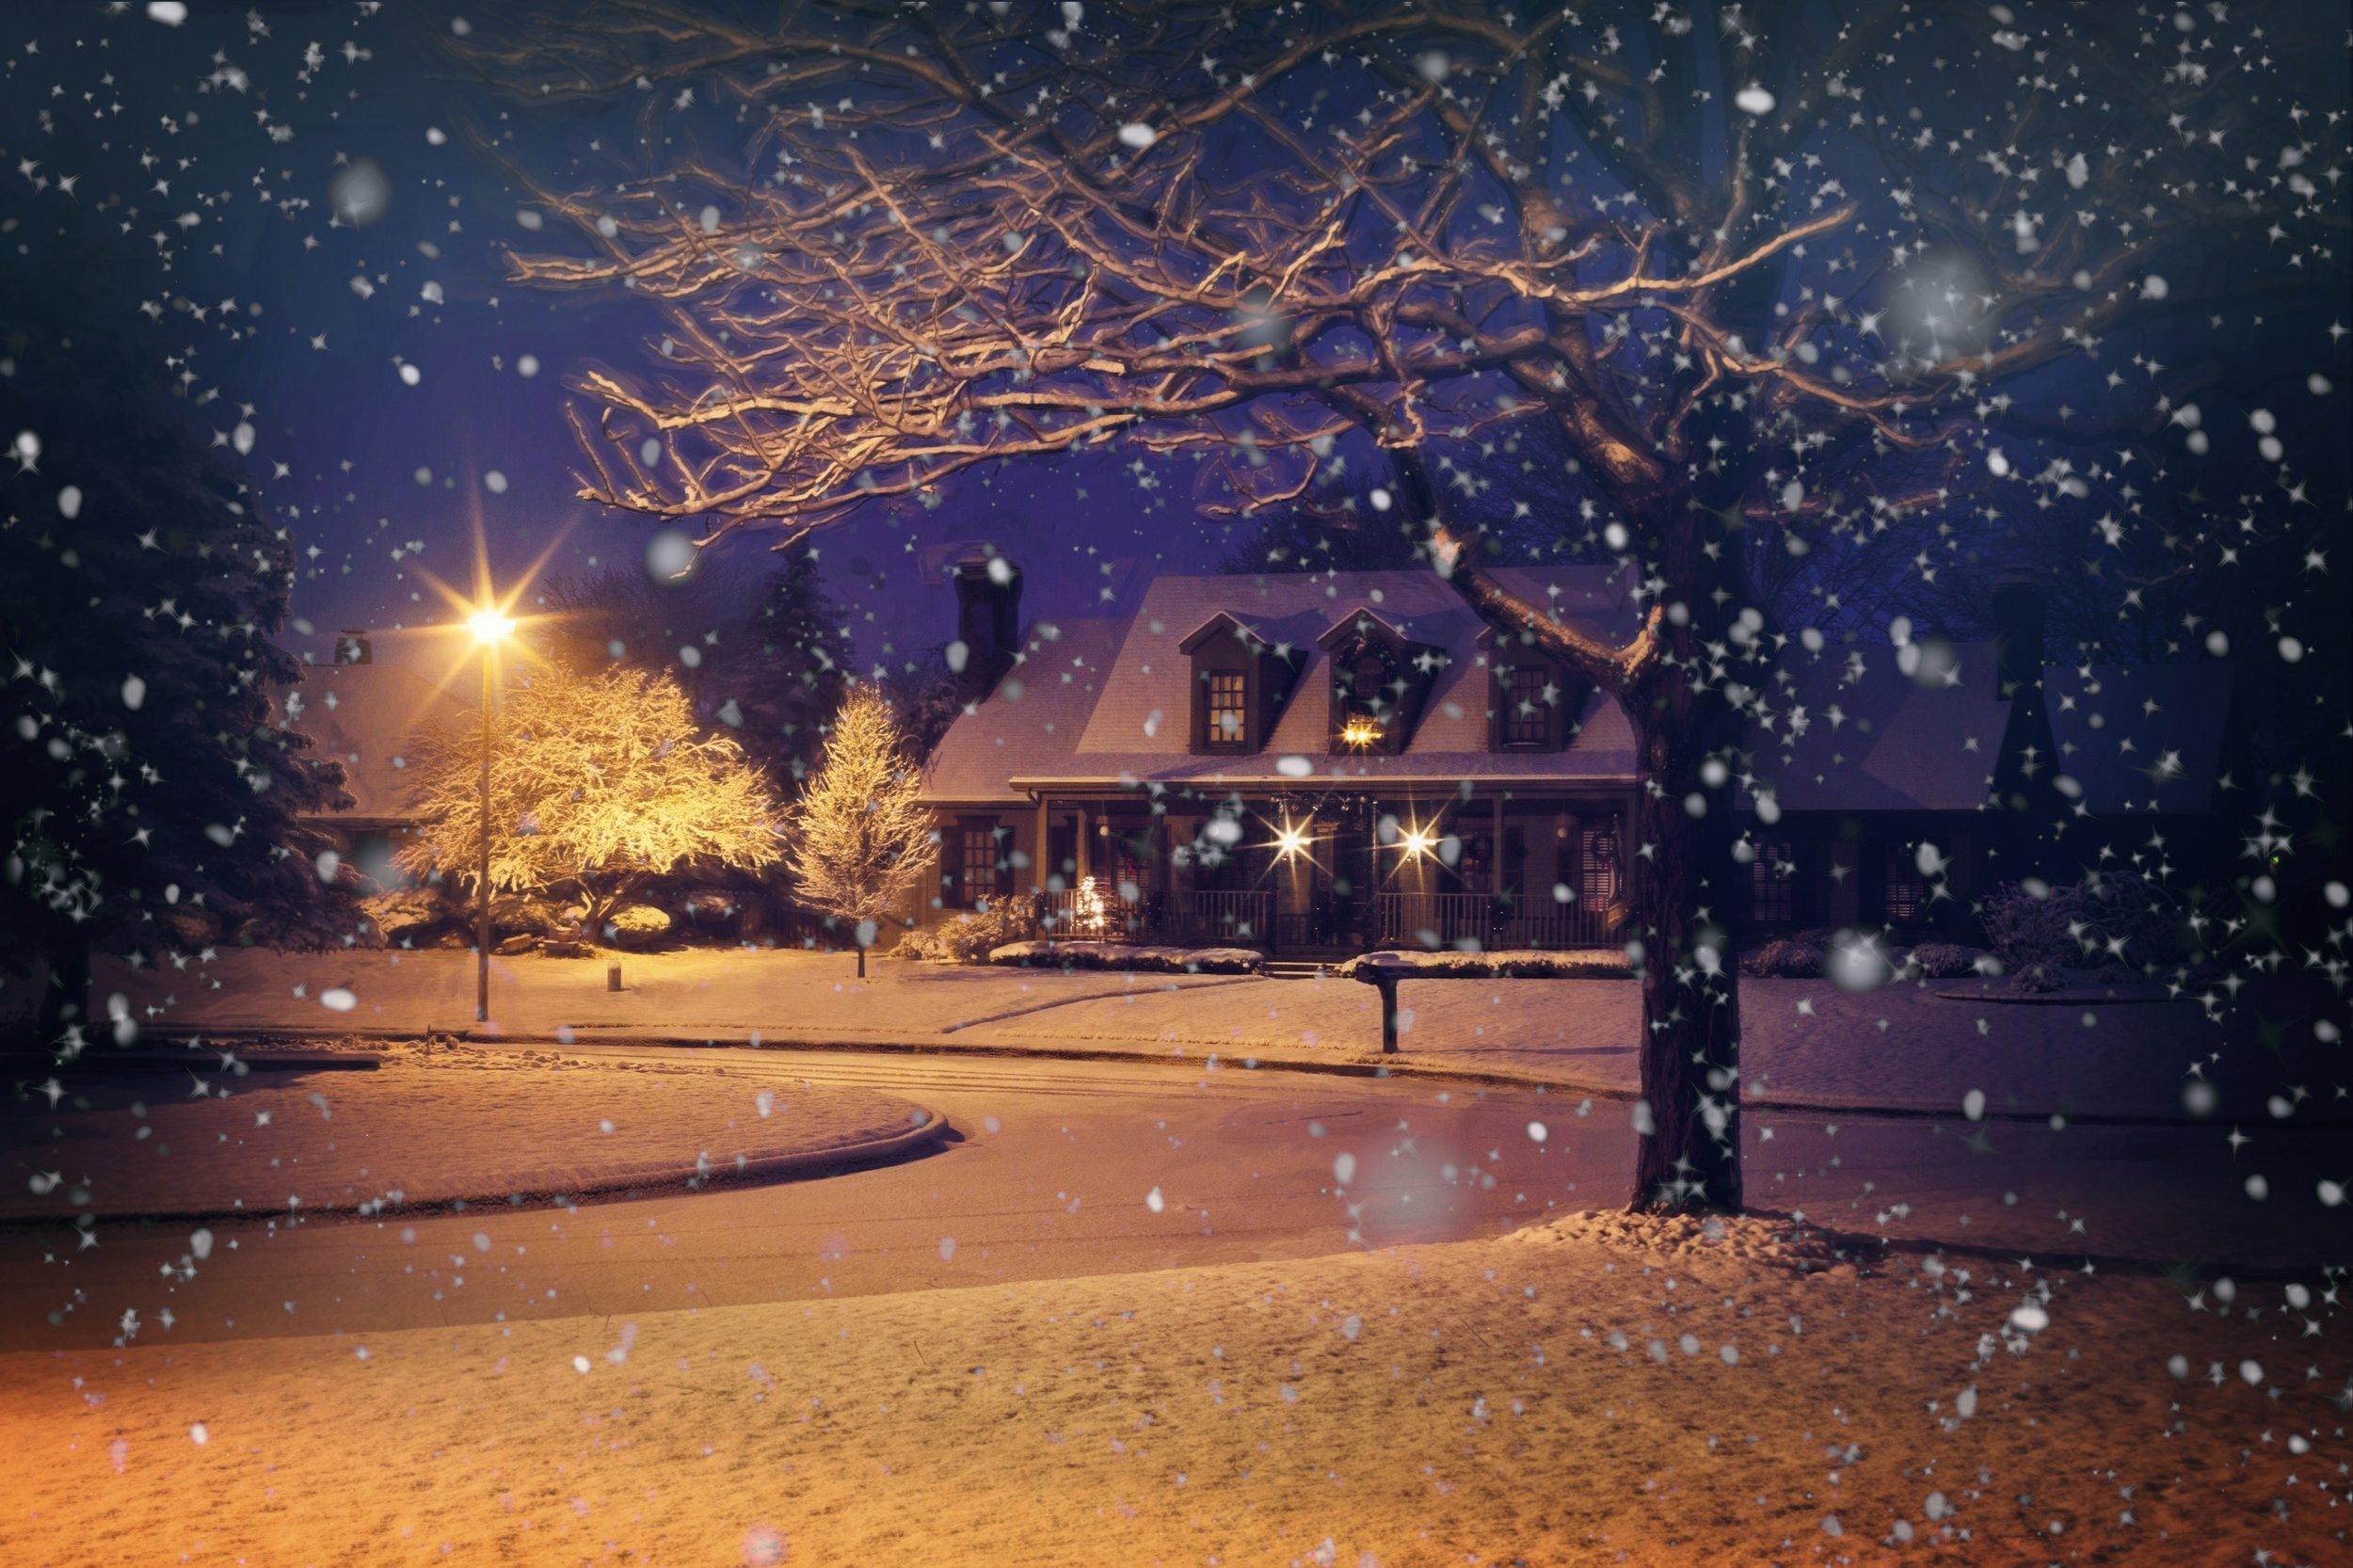 christmas-christmas-wallpaper-holiday-280204.jpgS